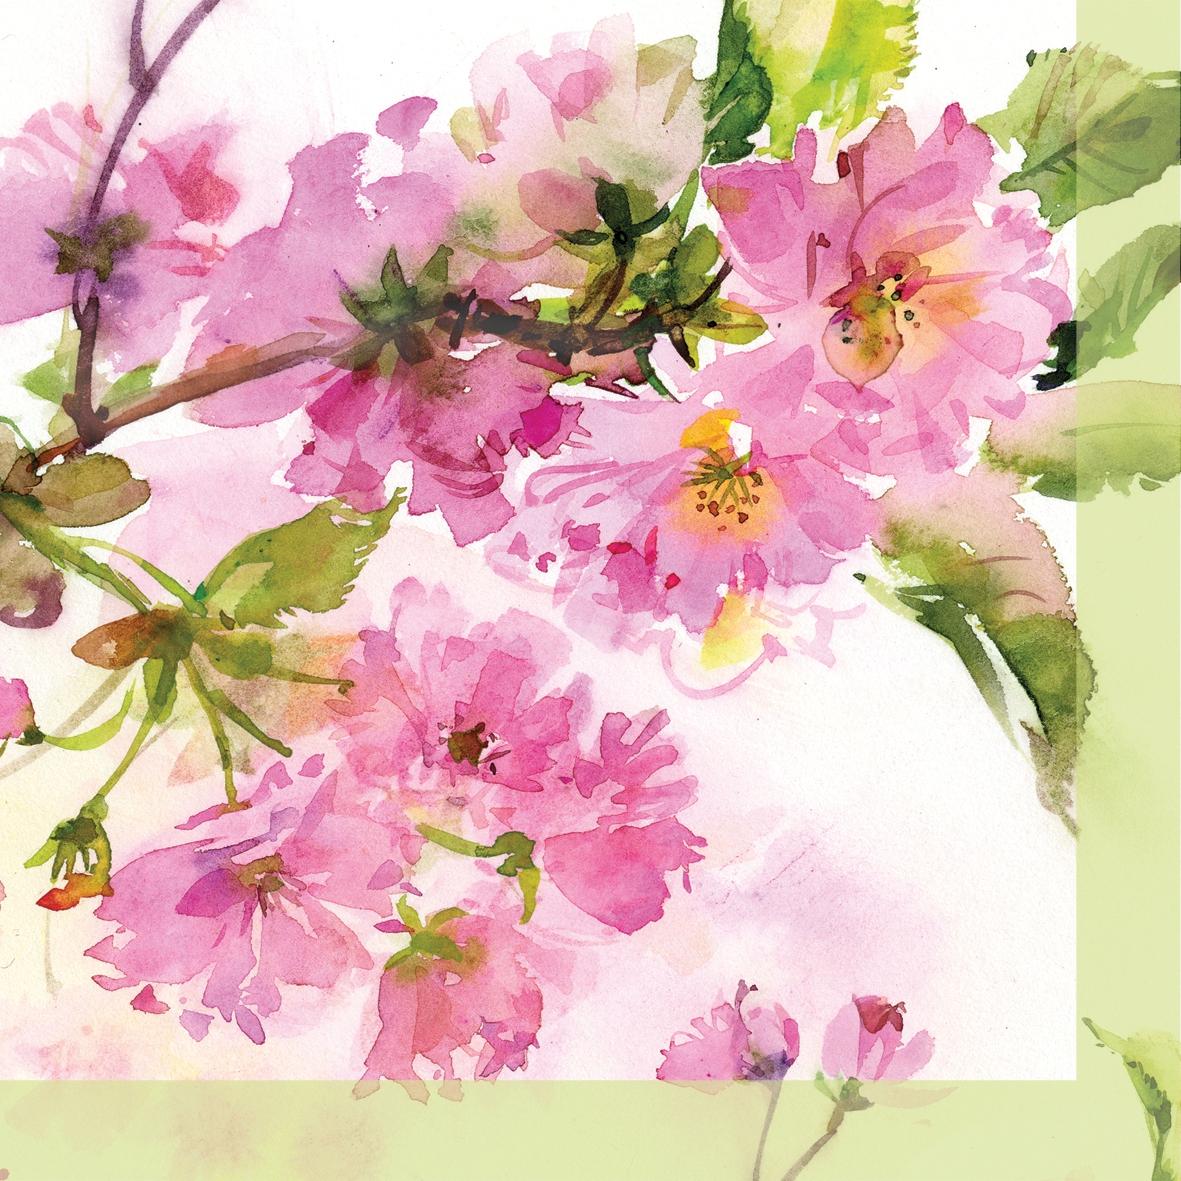 Lunch Servietten Pink Cherry Blossom,  Blumen -  Sonstige,  Everyday,  lunchservietten,  Kirschblüte